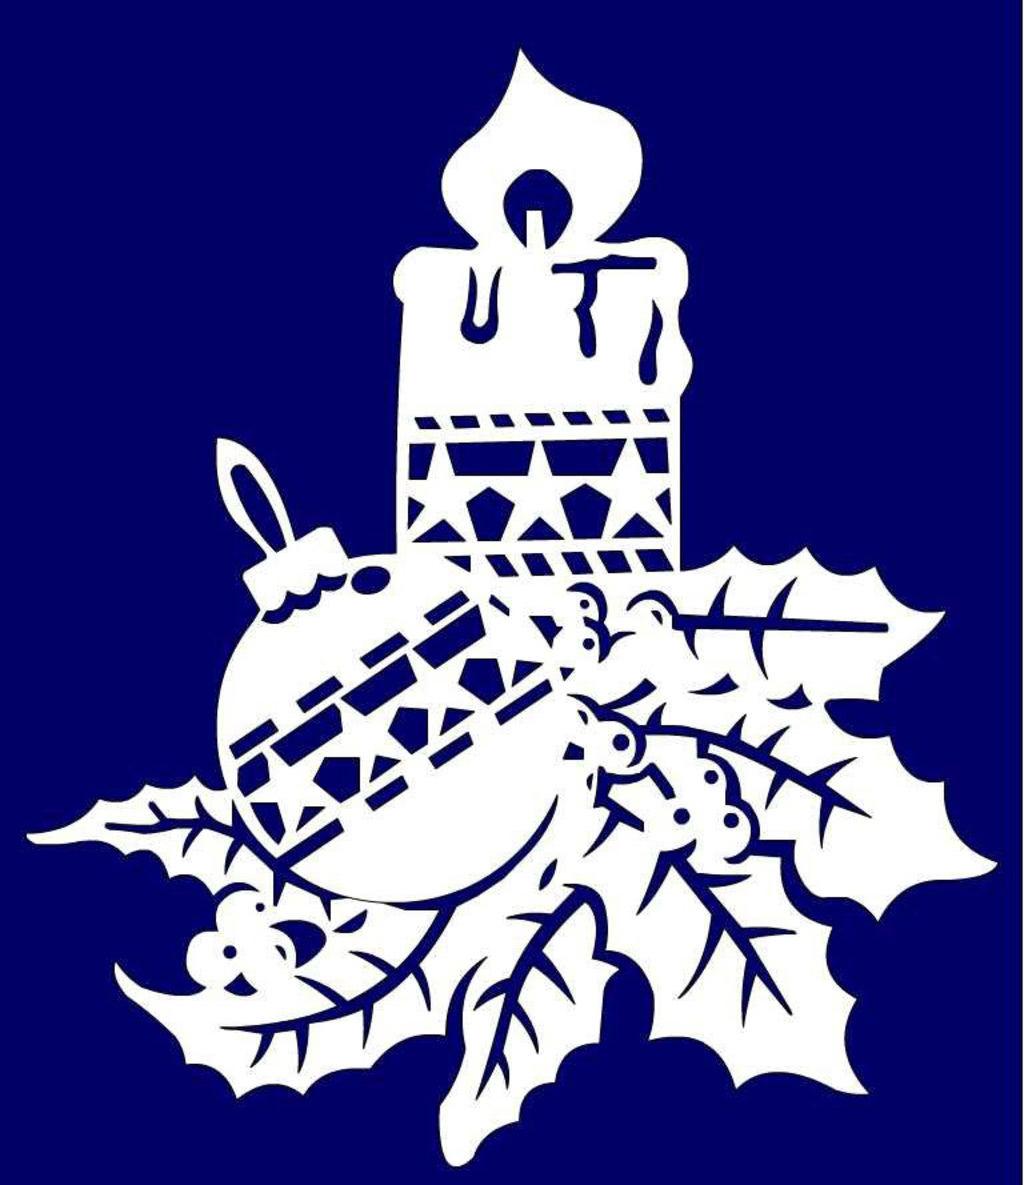 Сказочные новогодние вытынанки: домики, Щелкунчик, Снежная королева (шаблоны для распечатки и вырезания)-7